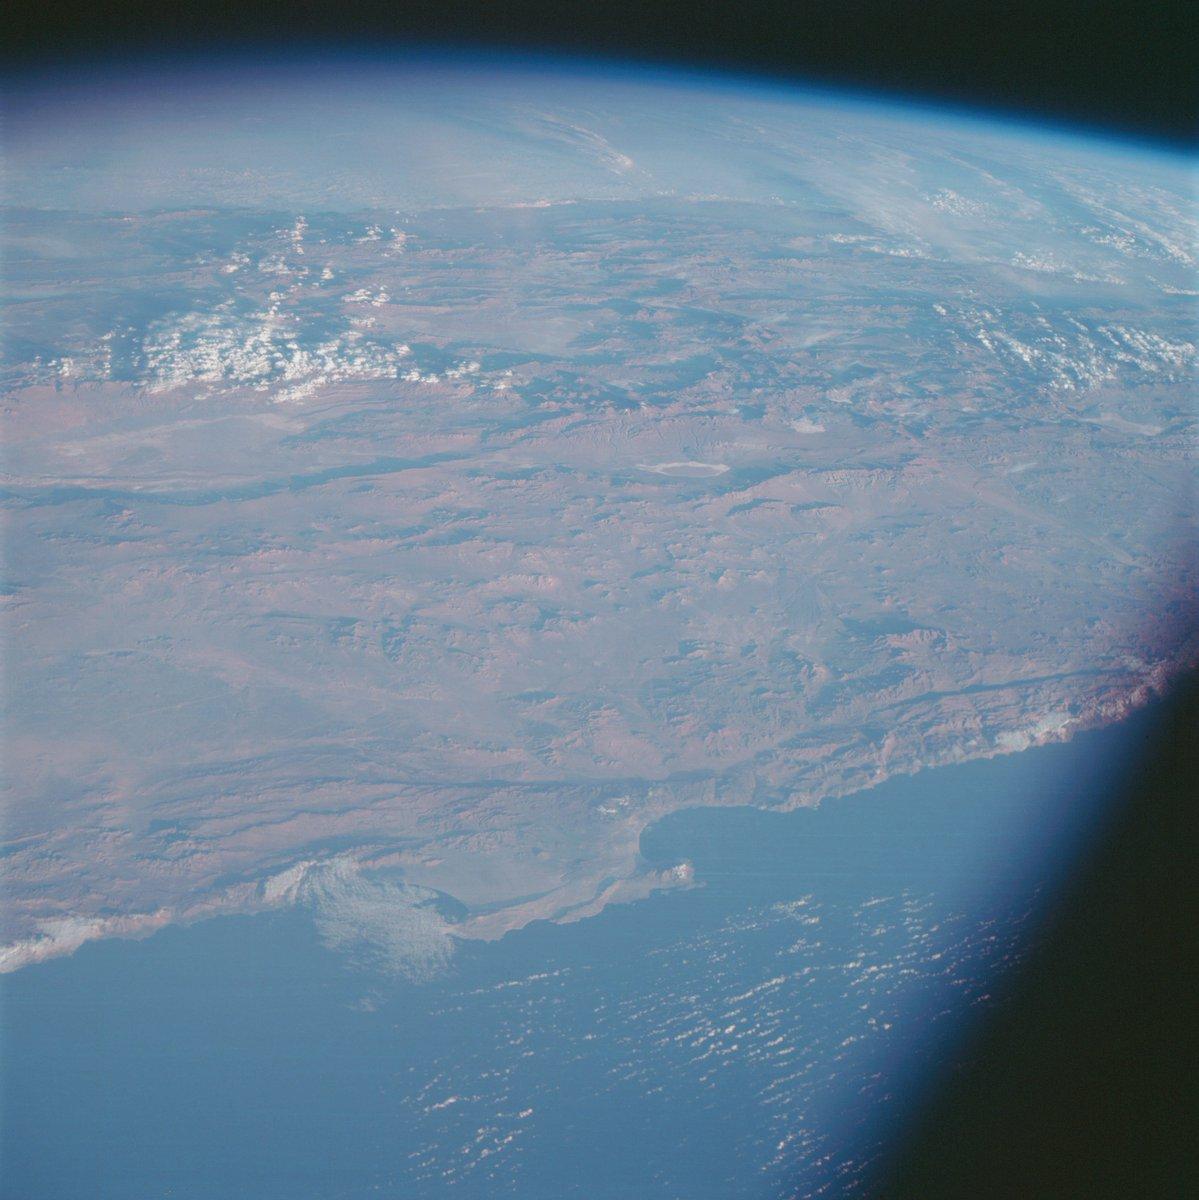 Esta vista de América del Sur fue fotografiada desde la nave espacial Apolo 7 La ciudad portuaria de Antofagasta, Chile, el pico andino del volcán Llullaillaco, a la izquierda se encuentran las minas de cobre de Chuquicamata y las Grandes Llanuras conocidas como el Gran Chaco.